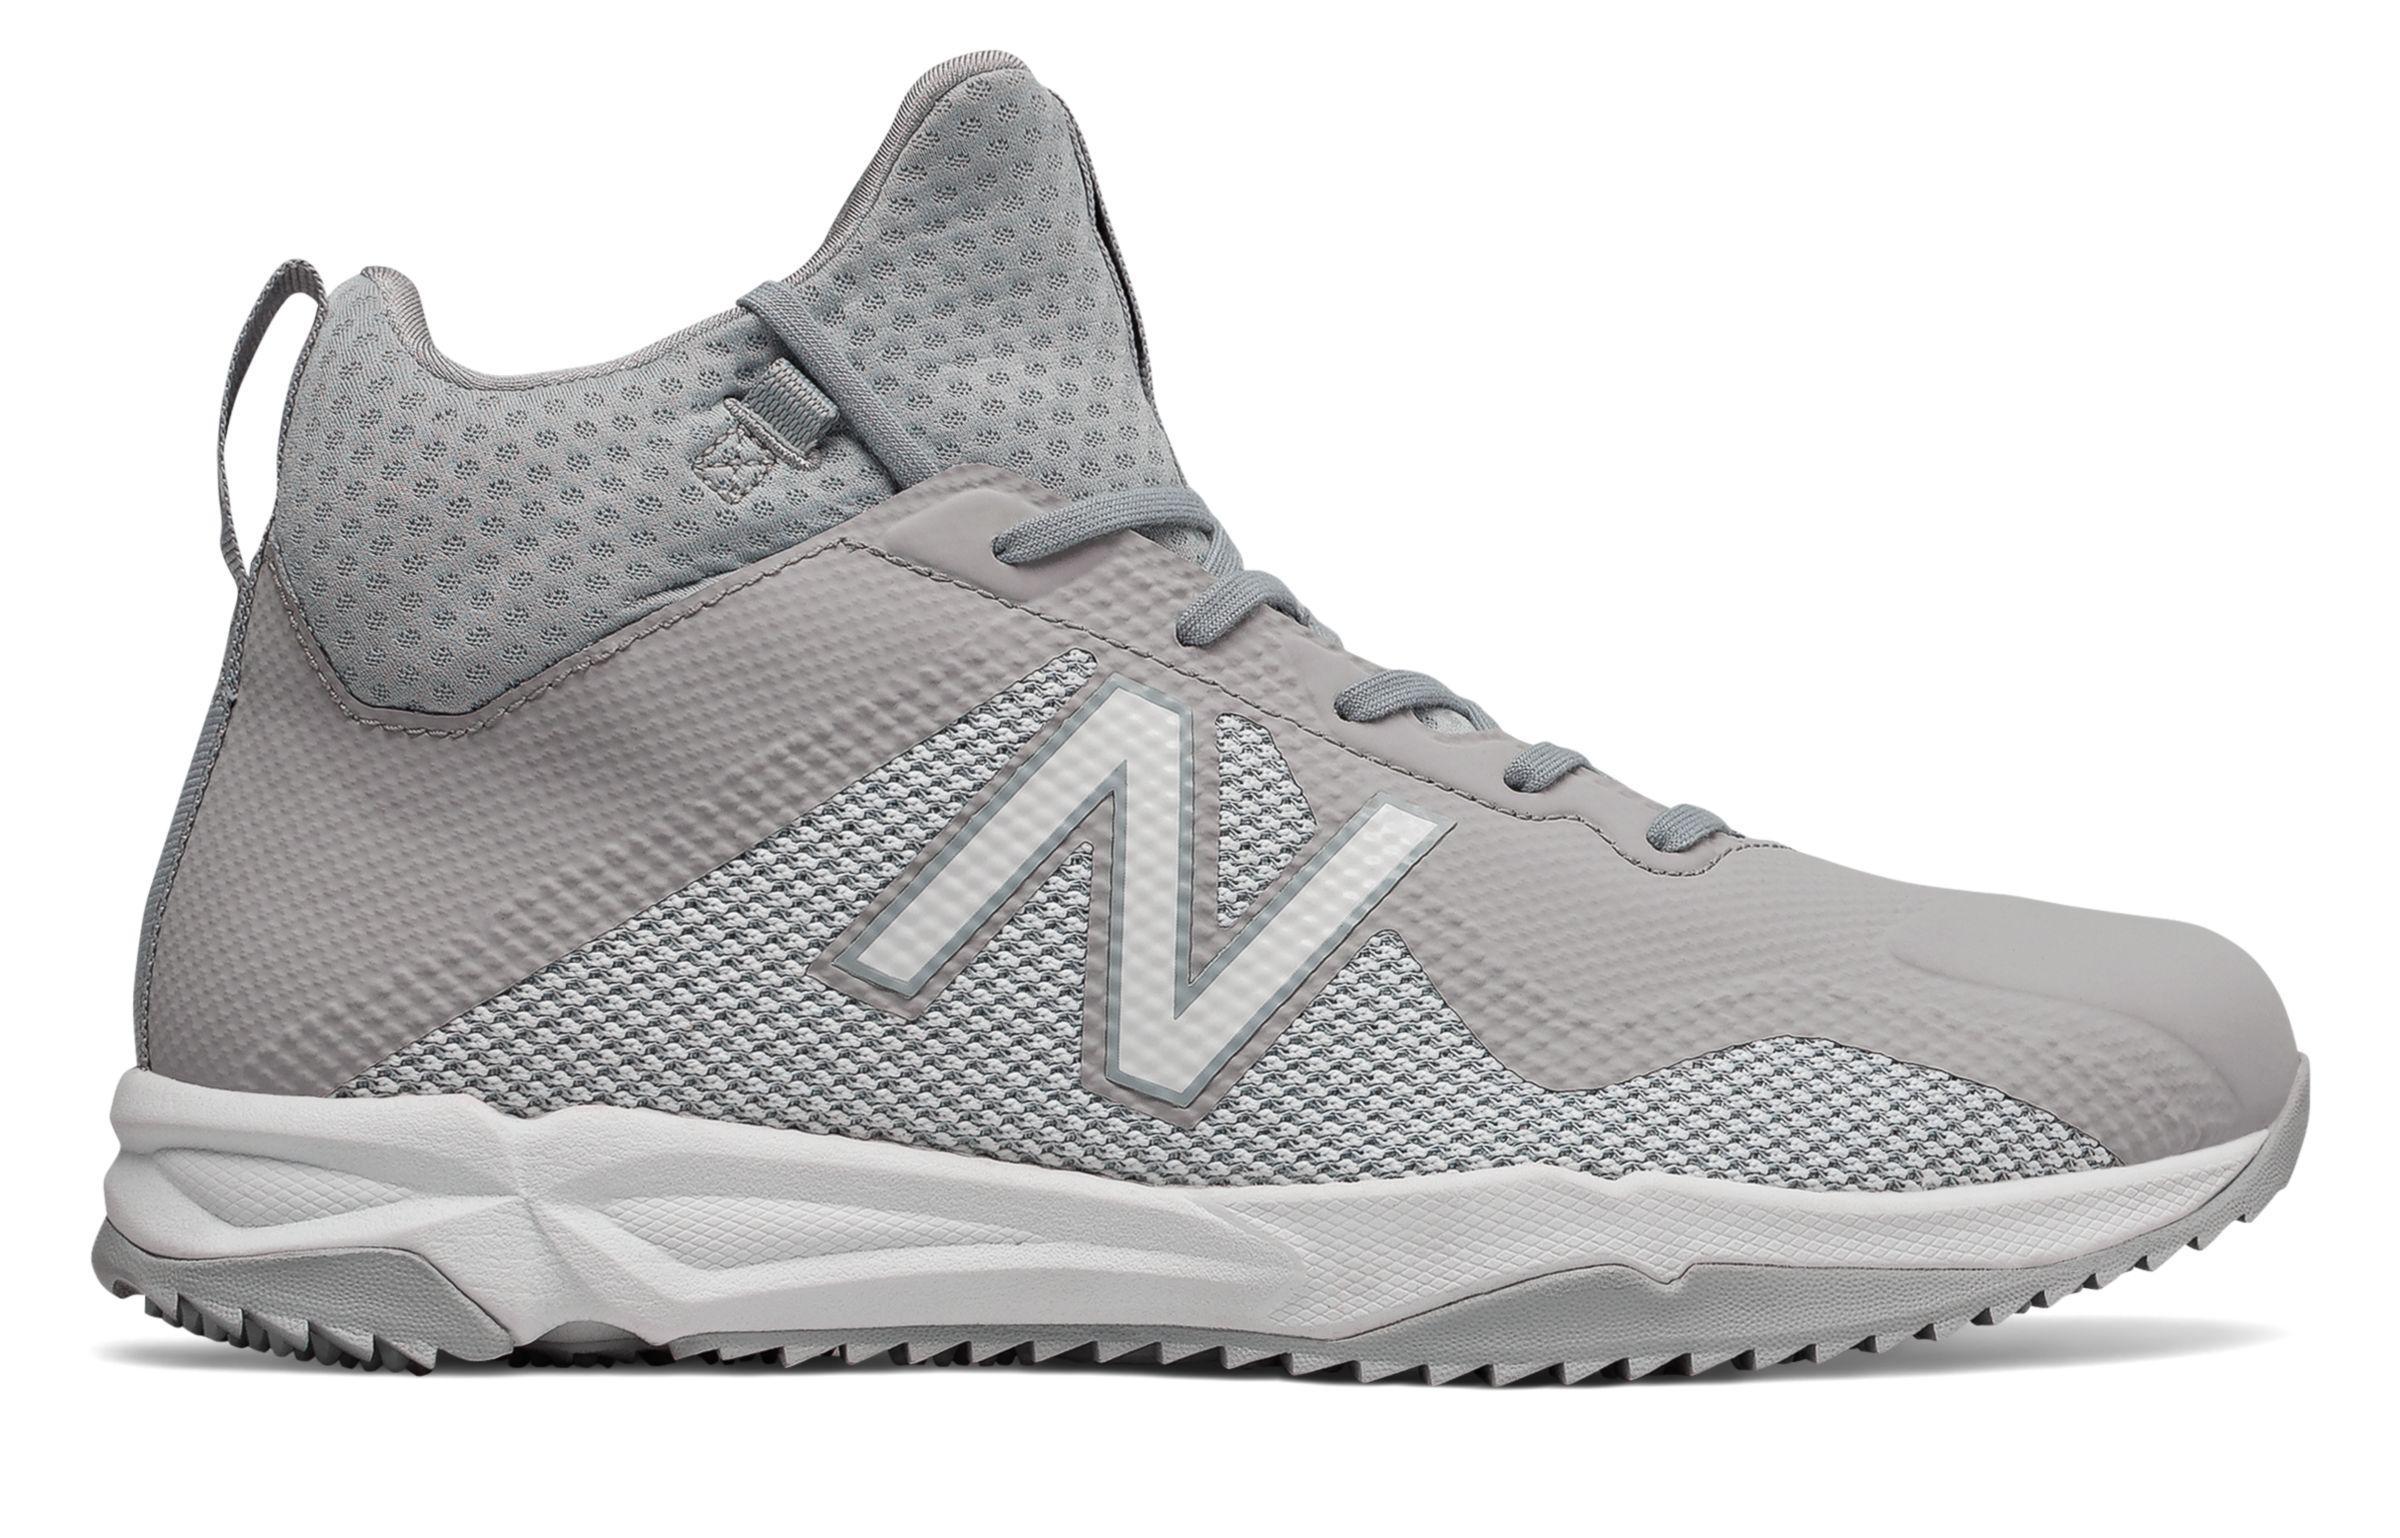 New Balance FreezeLX Turf Light Grey/White